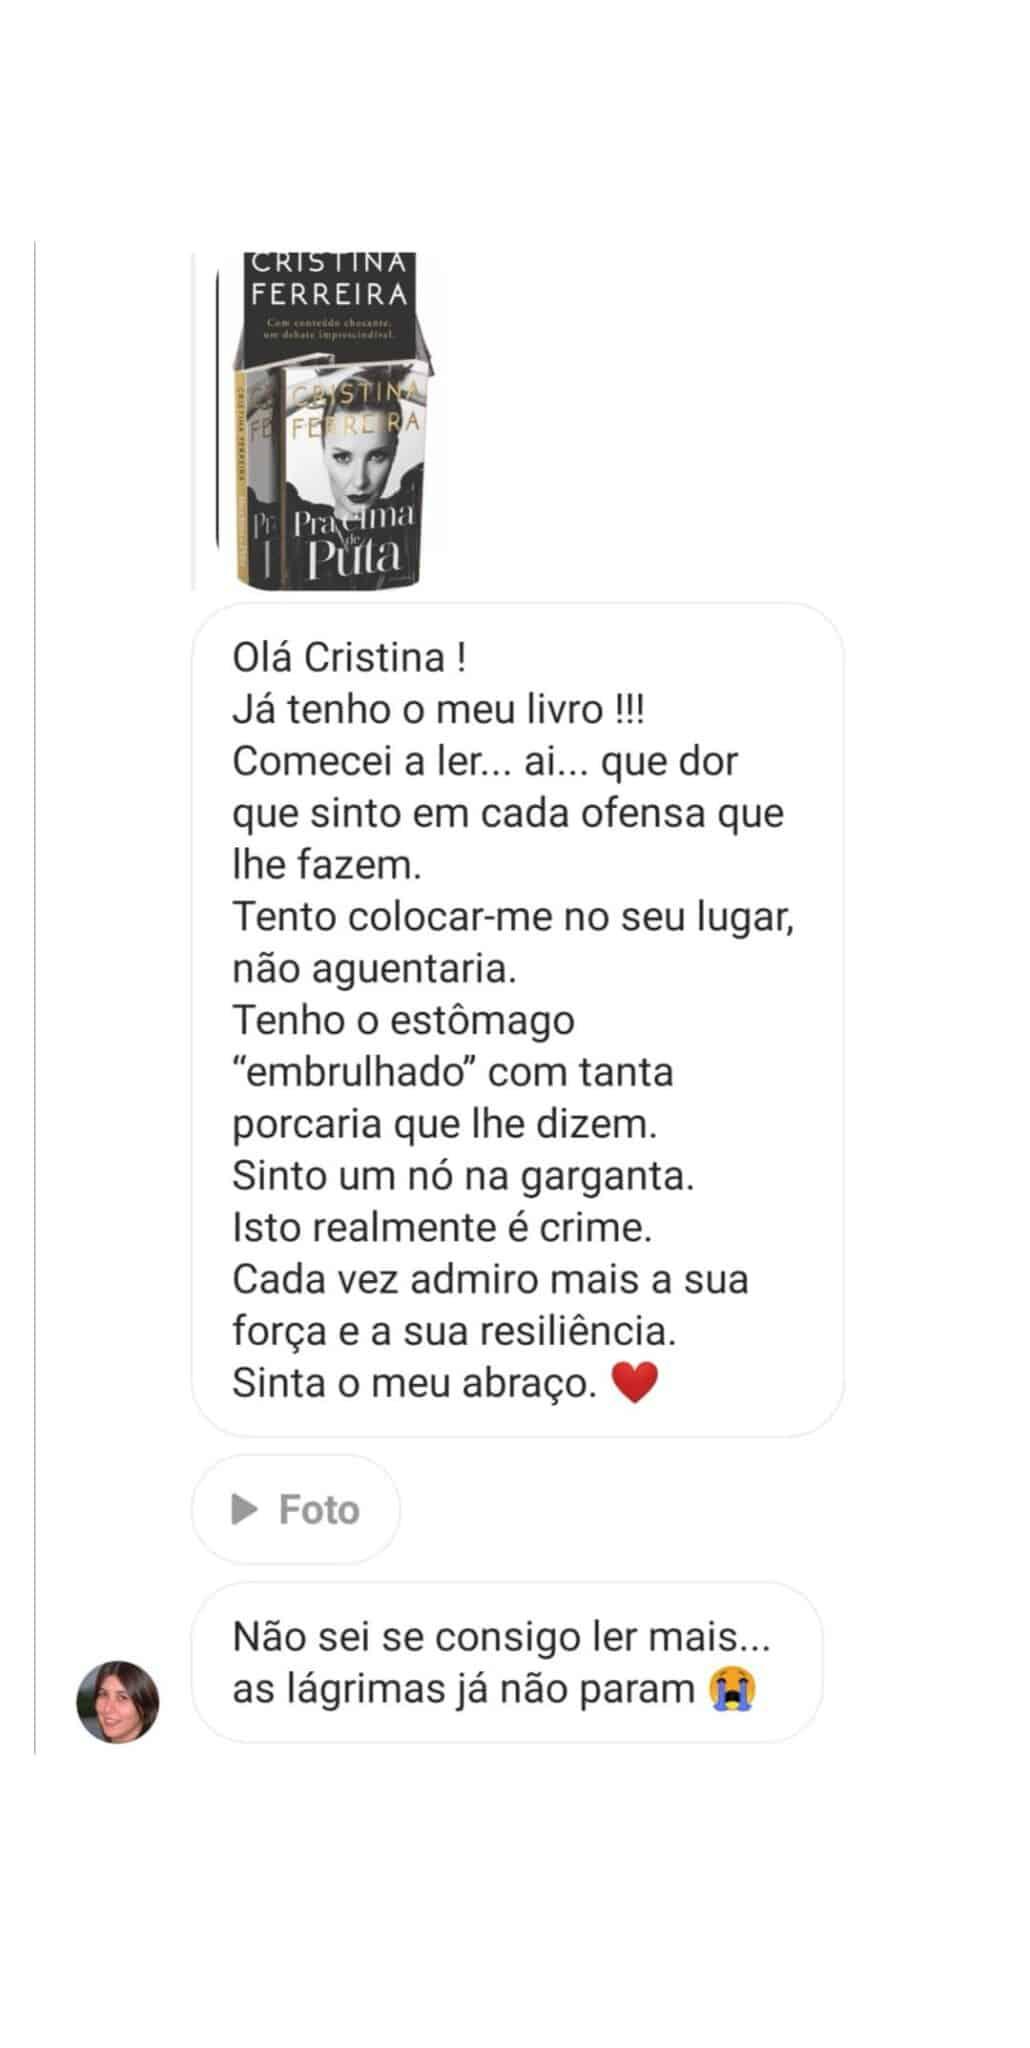 Reacoes-Fas-Livro-Cristina-Ferreira-2